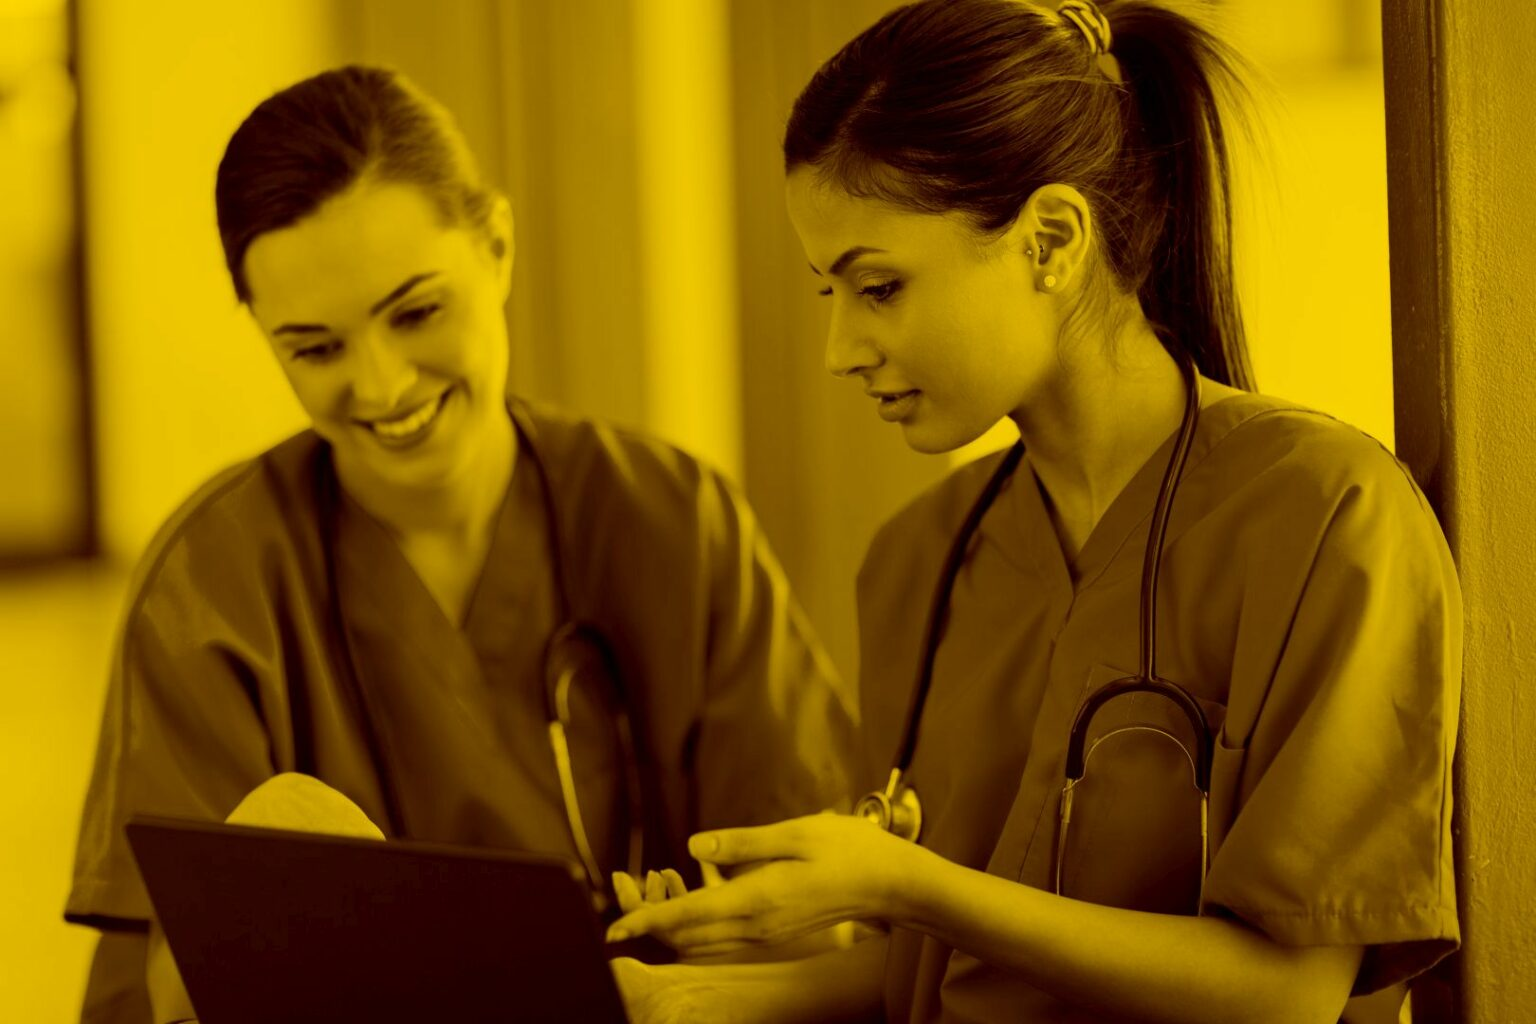 zwei- pflegerinnen- arbeiten-auf- dem-tablet-mit-easysoft- pflegesoftware